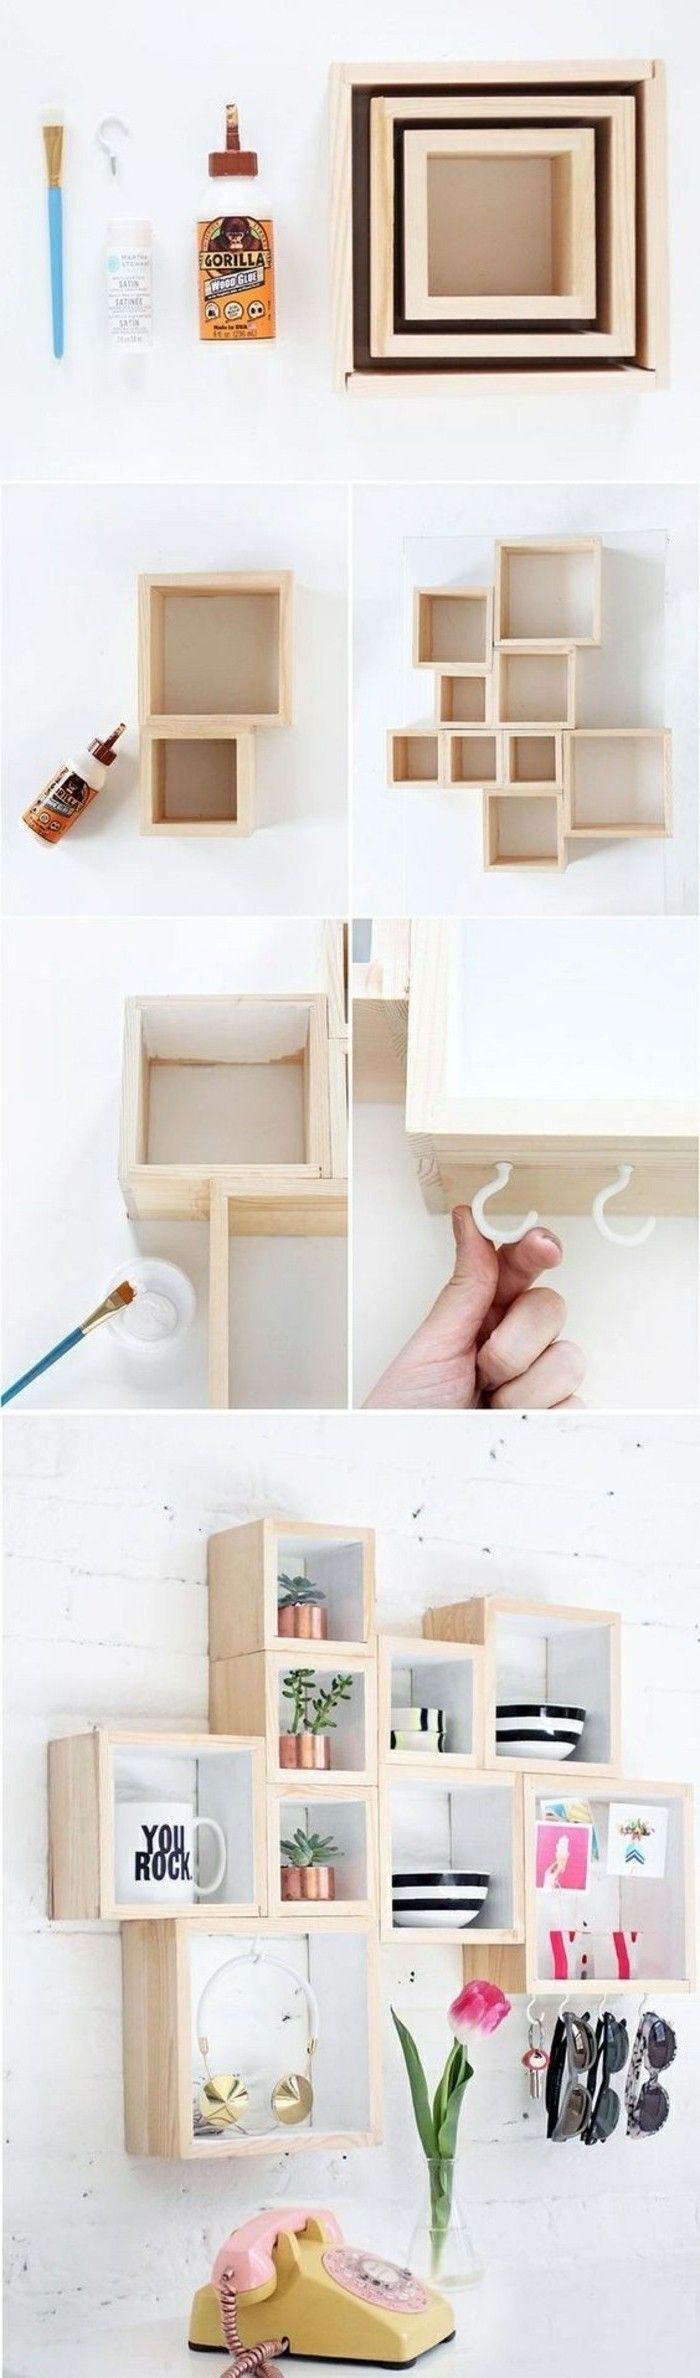 diy moebel kreative wohnideen regale aus holz montieren | DIY Ideen ...